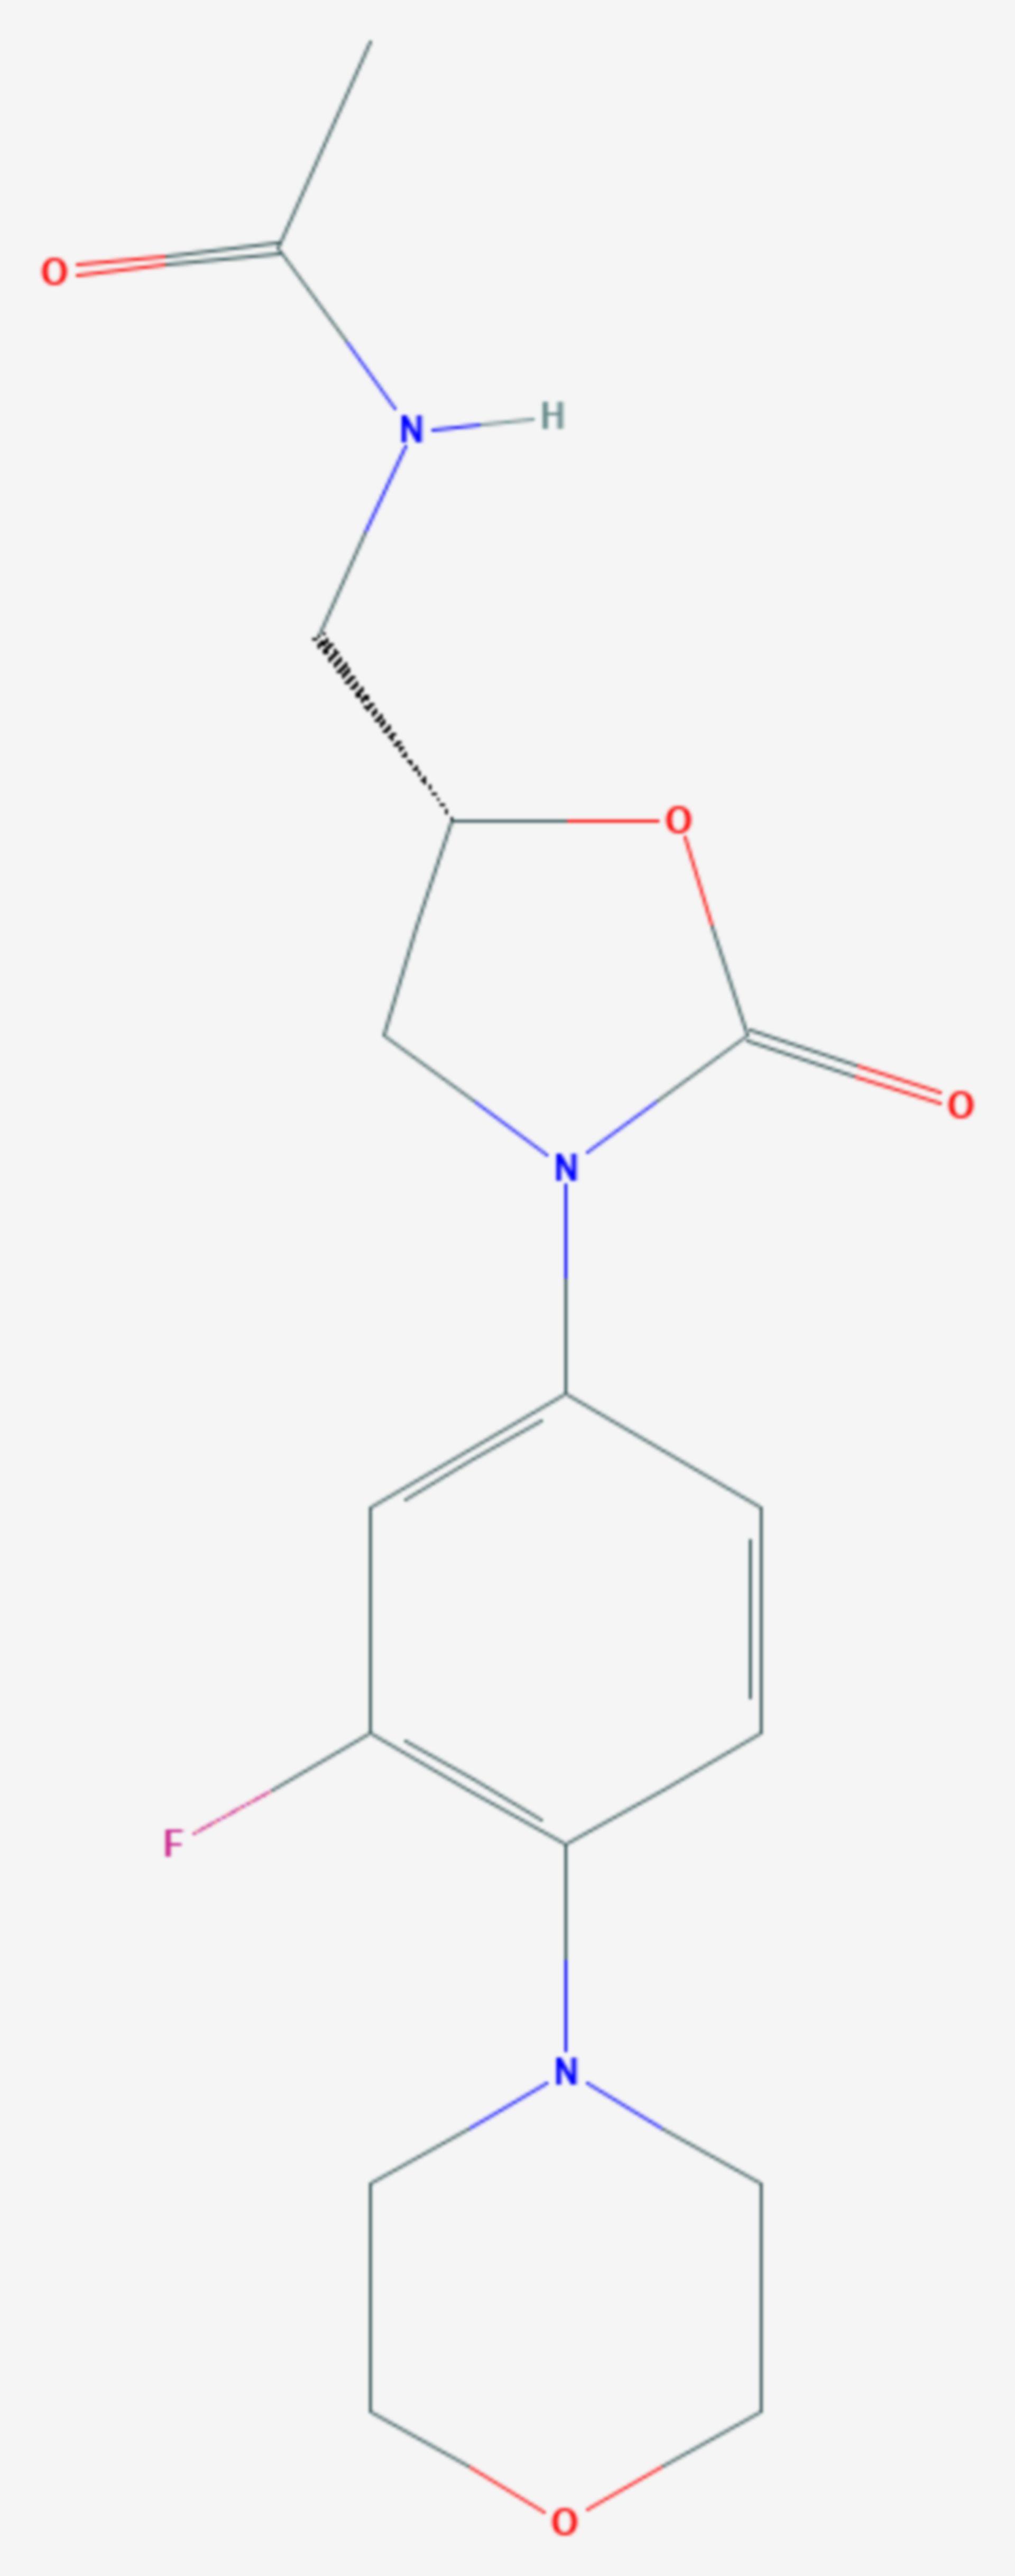 Tedizolid (Strukturformel)